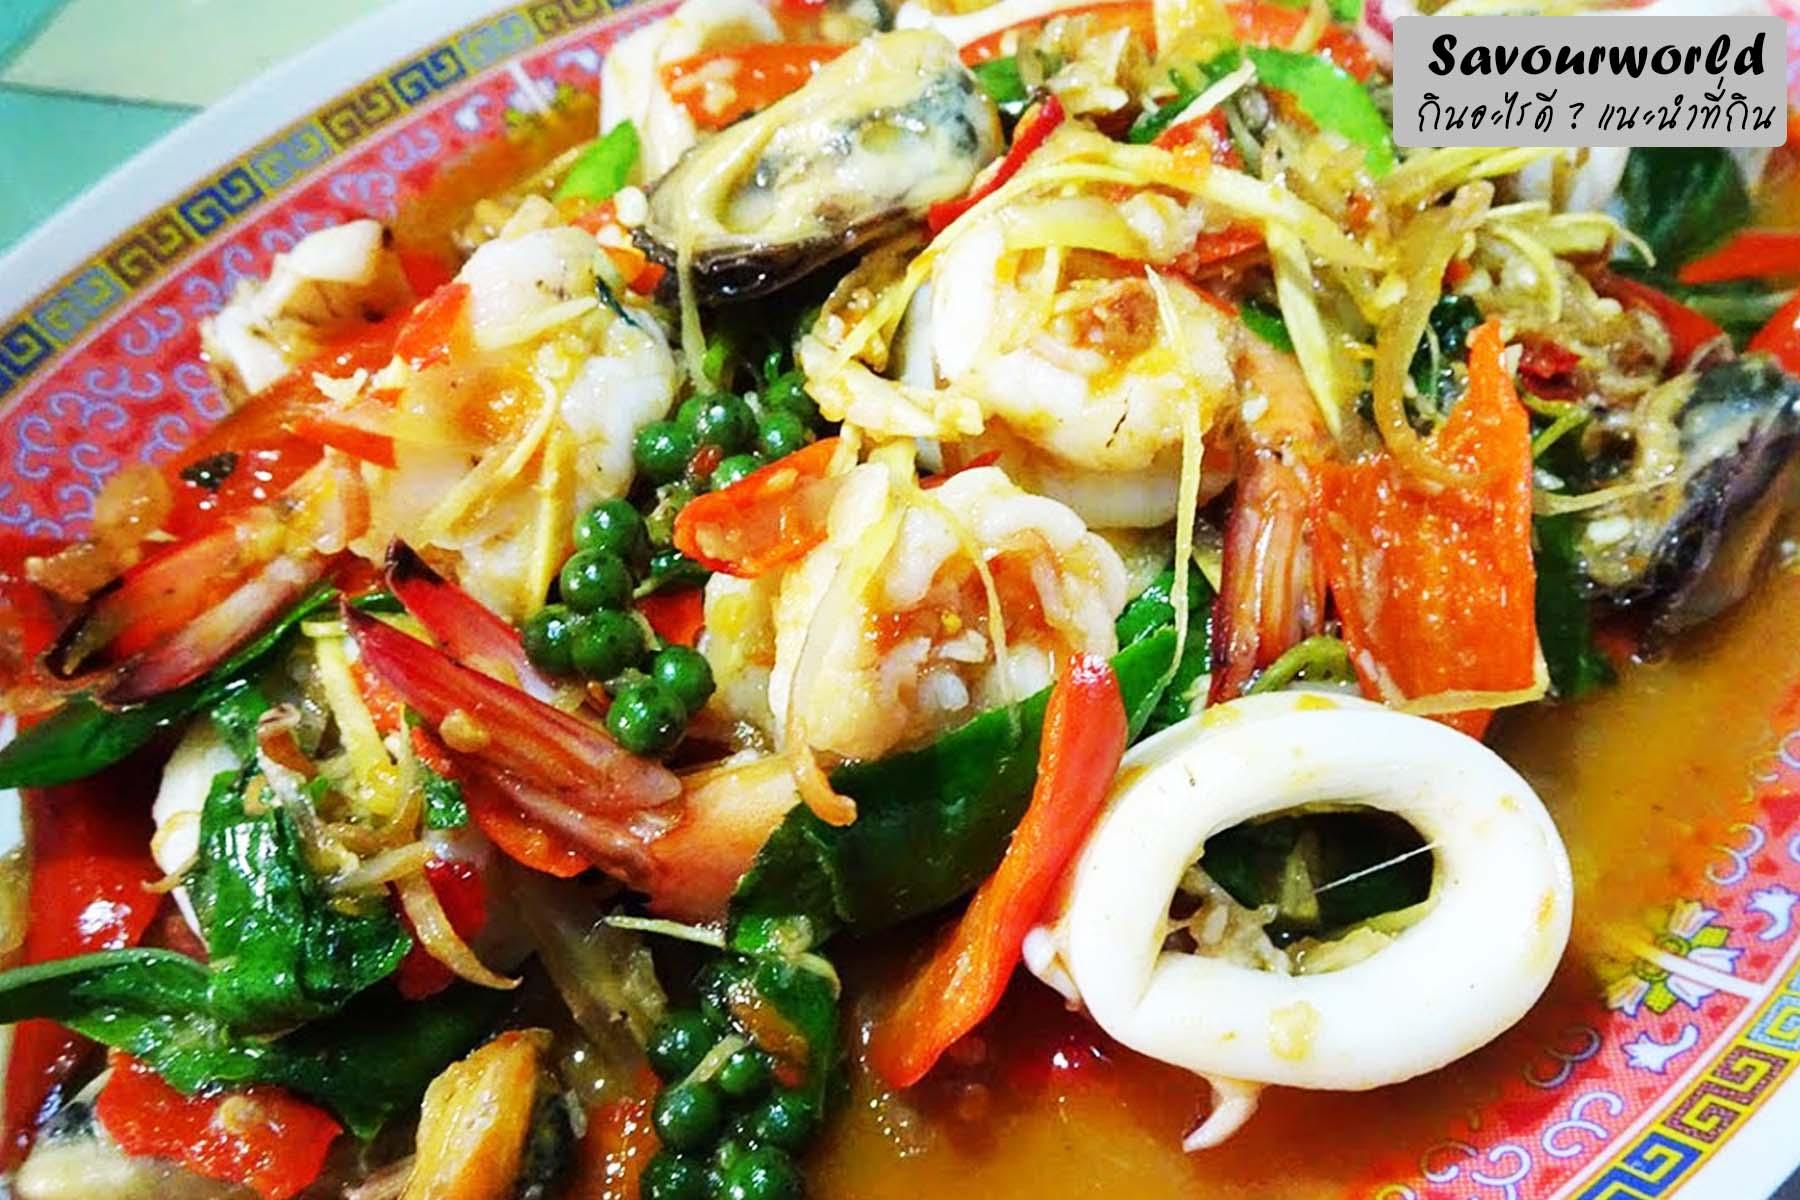 ทะเลผัดฉ่า อาหารไทยเมนูผัดเอาใจคนชอบอาหารทะเลๆ - savourworld.com